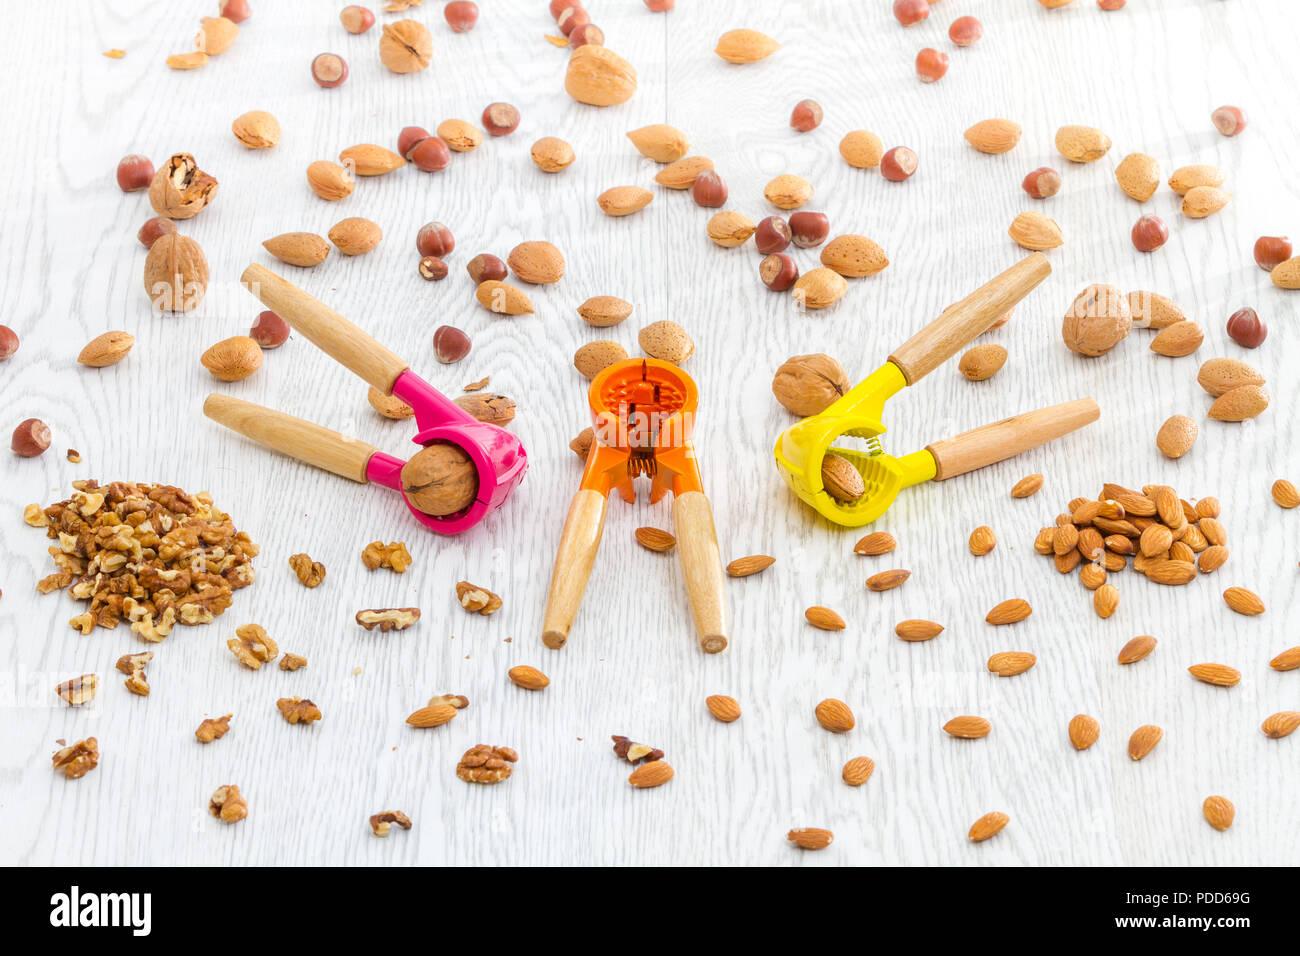 Écrou colorés de style moderne avec des écrous dans divers biscuits table de cuisine Photo Stock